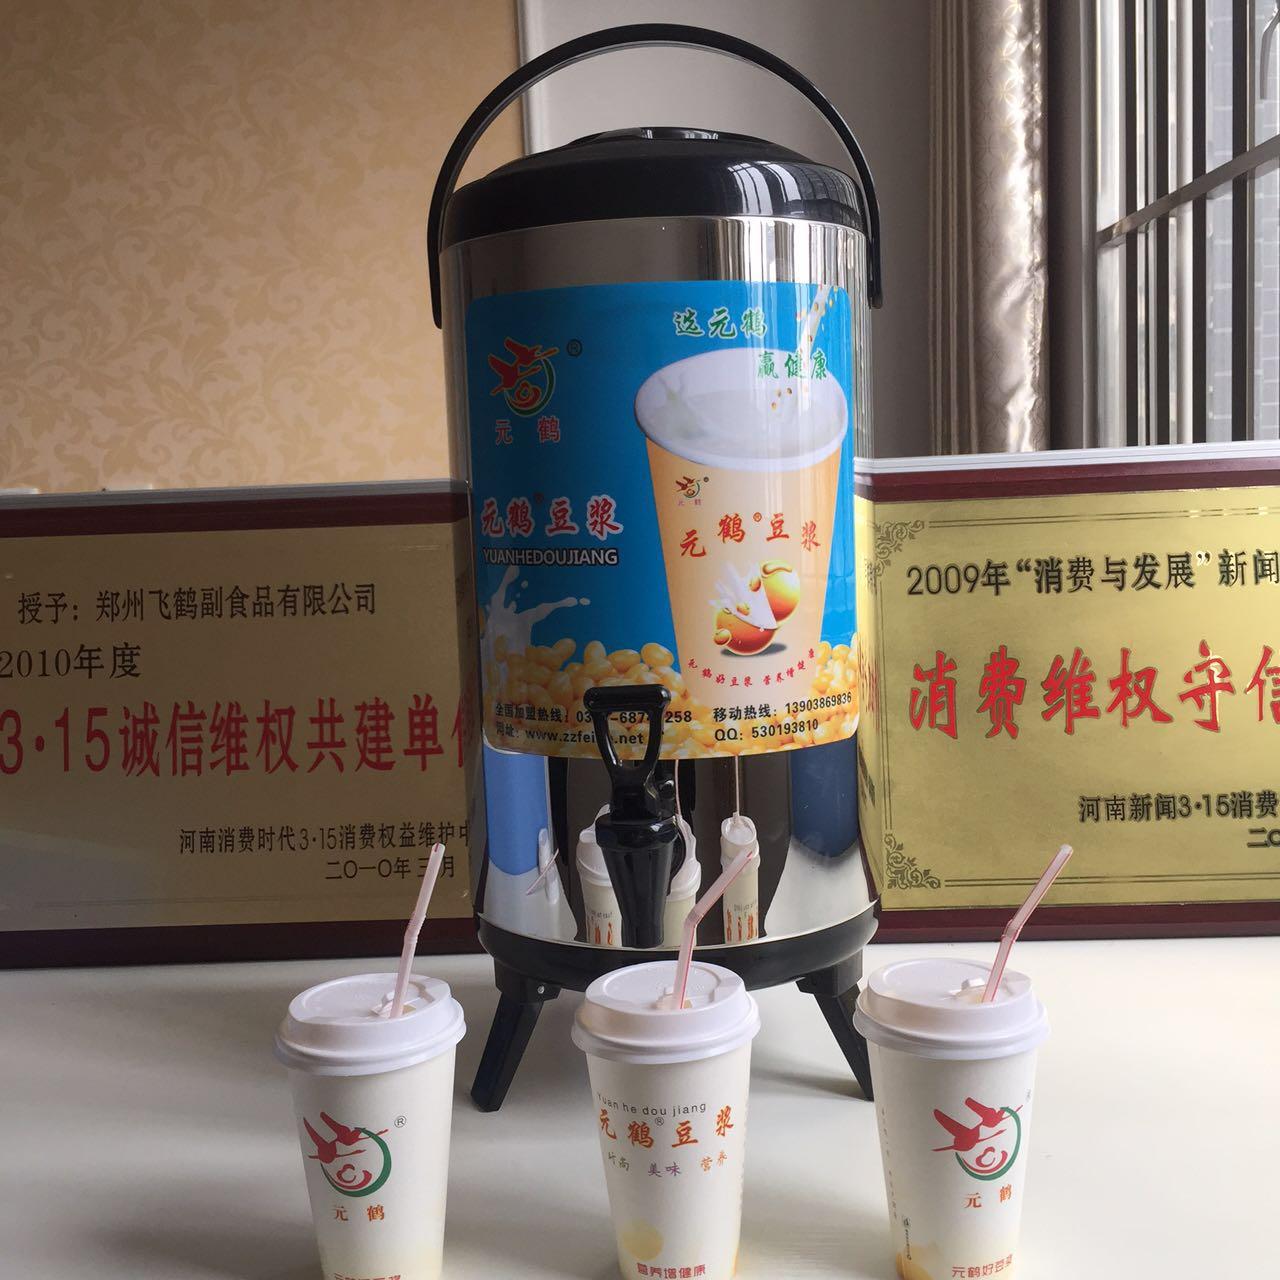 口碑好的餐饮豆浆粉供应商_郑州飞鹤副食品_安徽餐饮豆浆粉批发